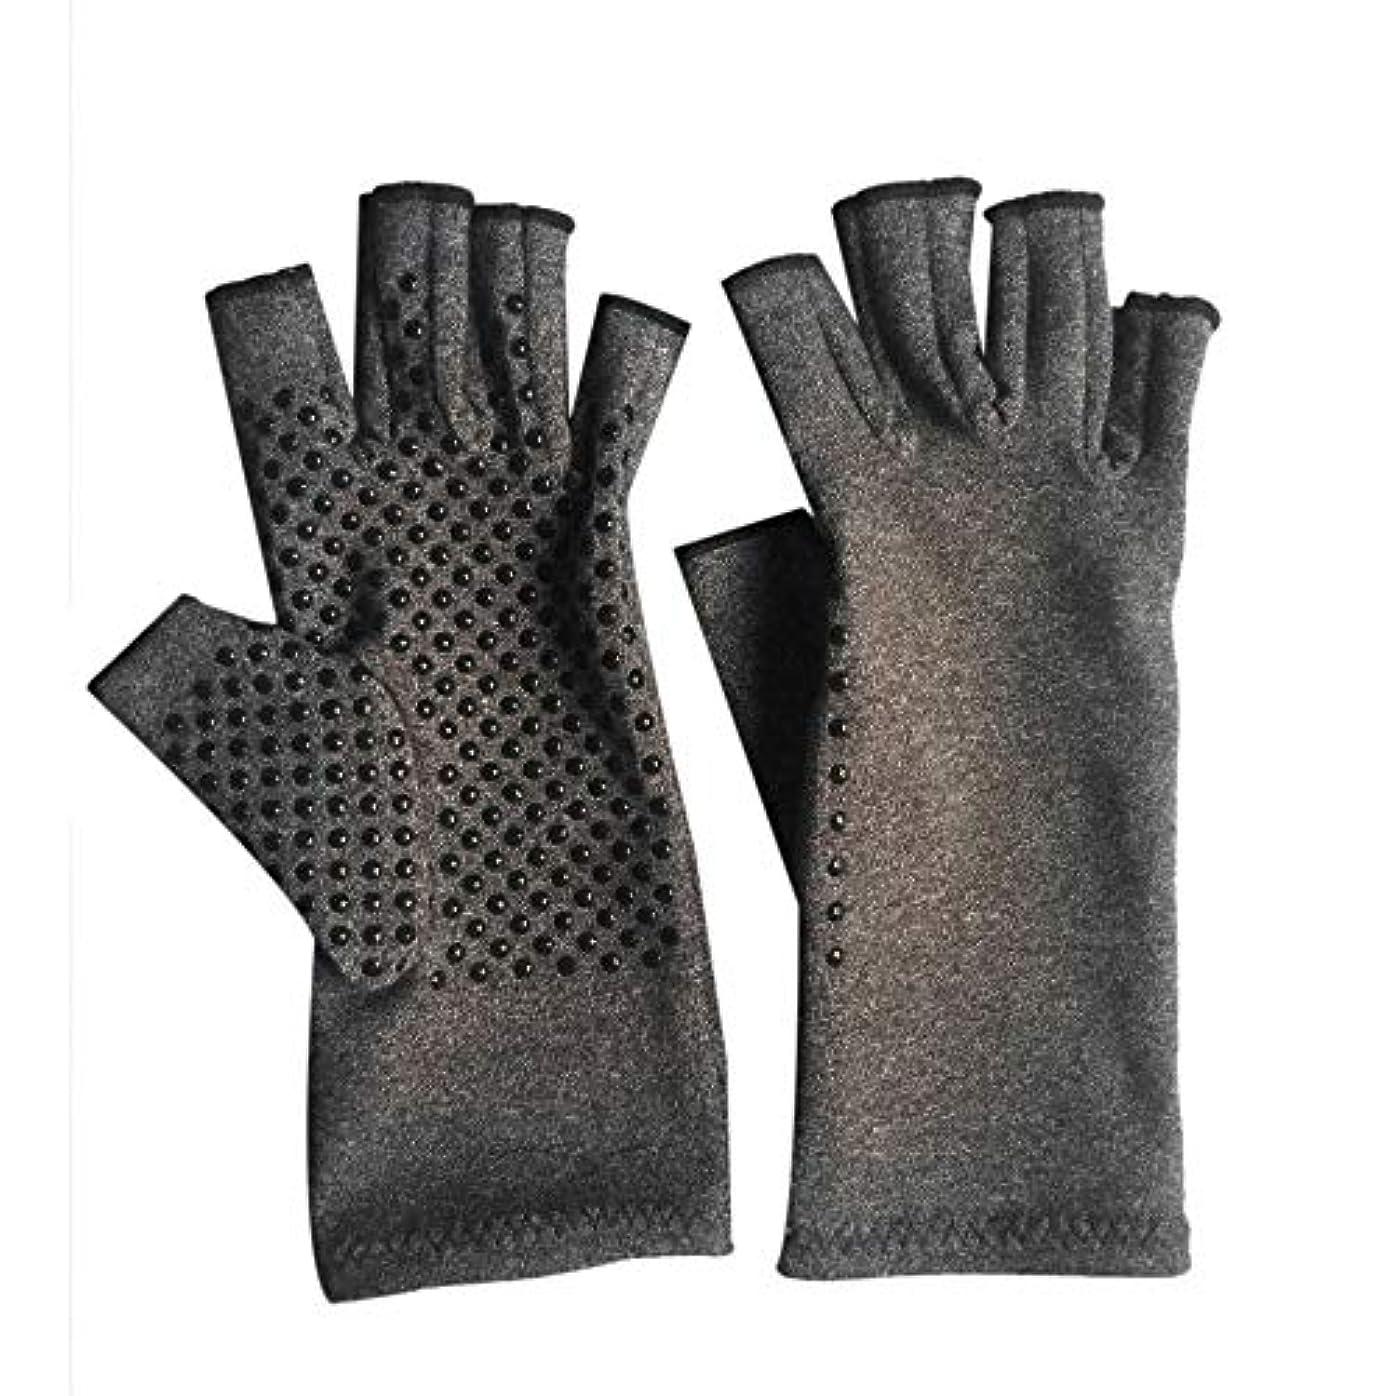 論理的インシュレータ既婚1ペアユニセックス男性女性療法圧縮手袋関節炎関節痛緩和ヘルスケア半指手袋トレーニング手袋 - グレーM